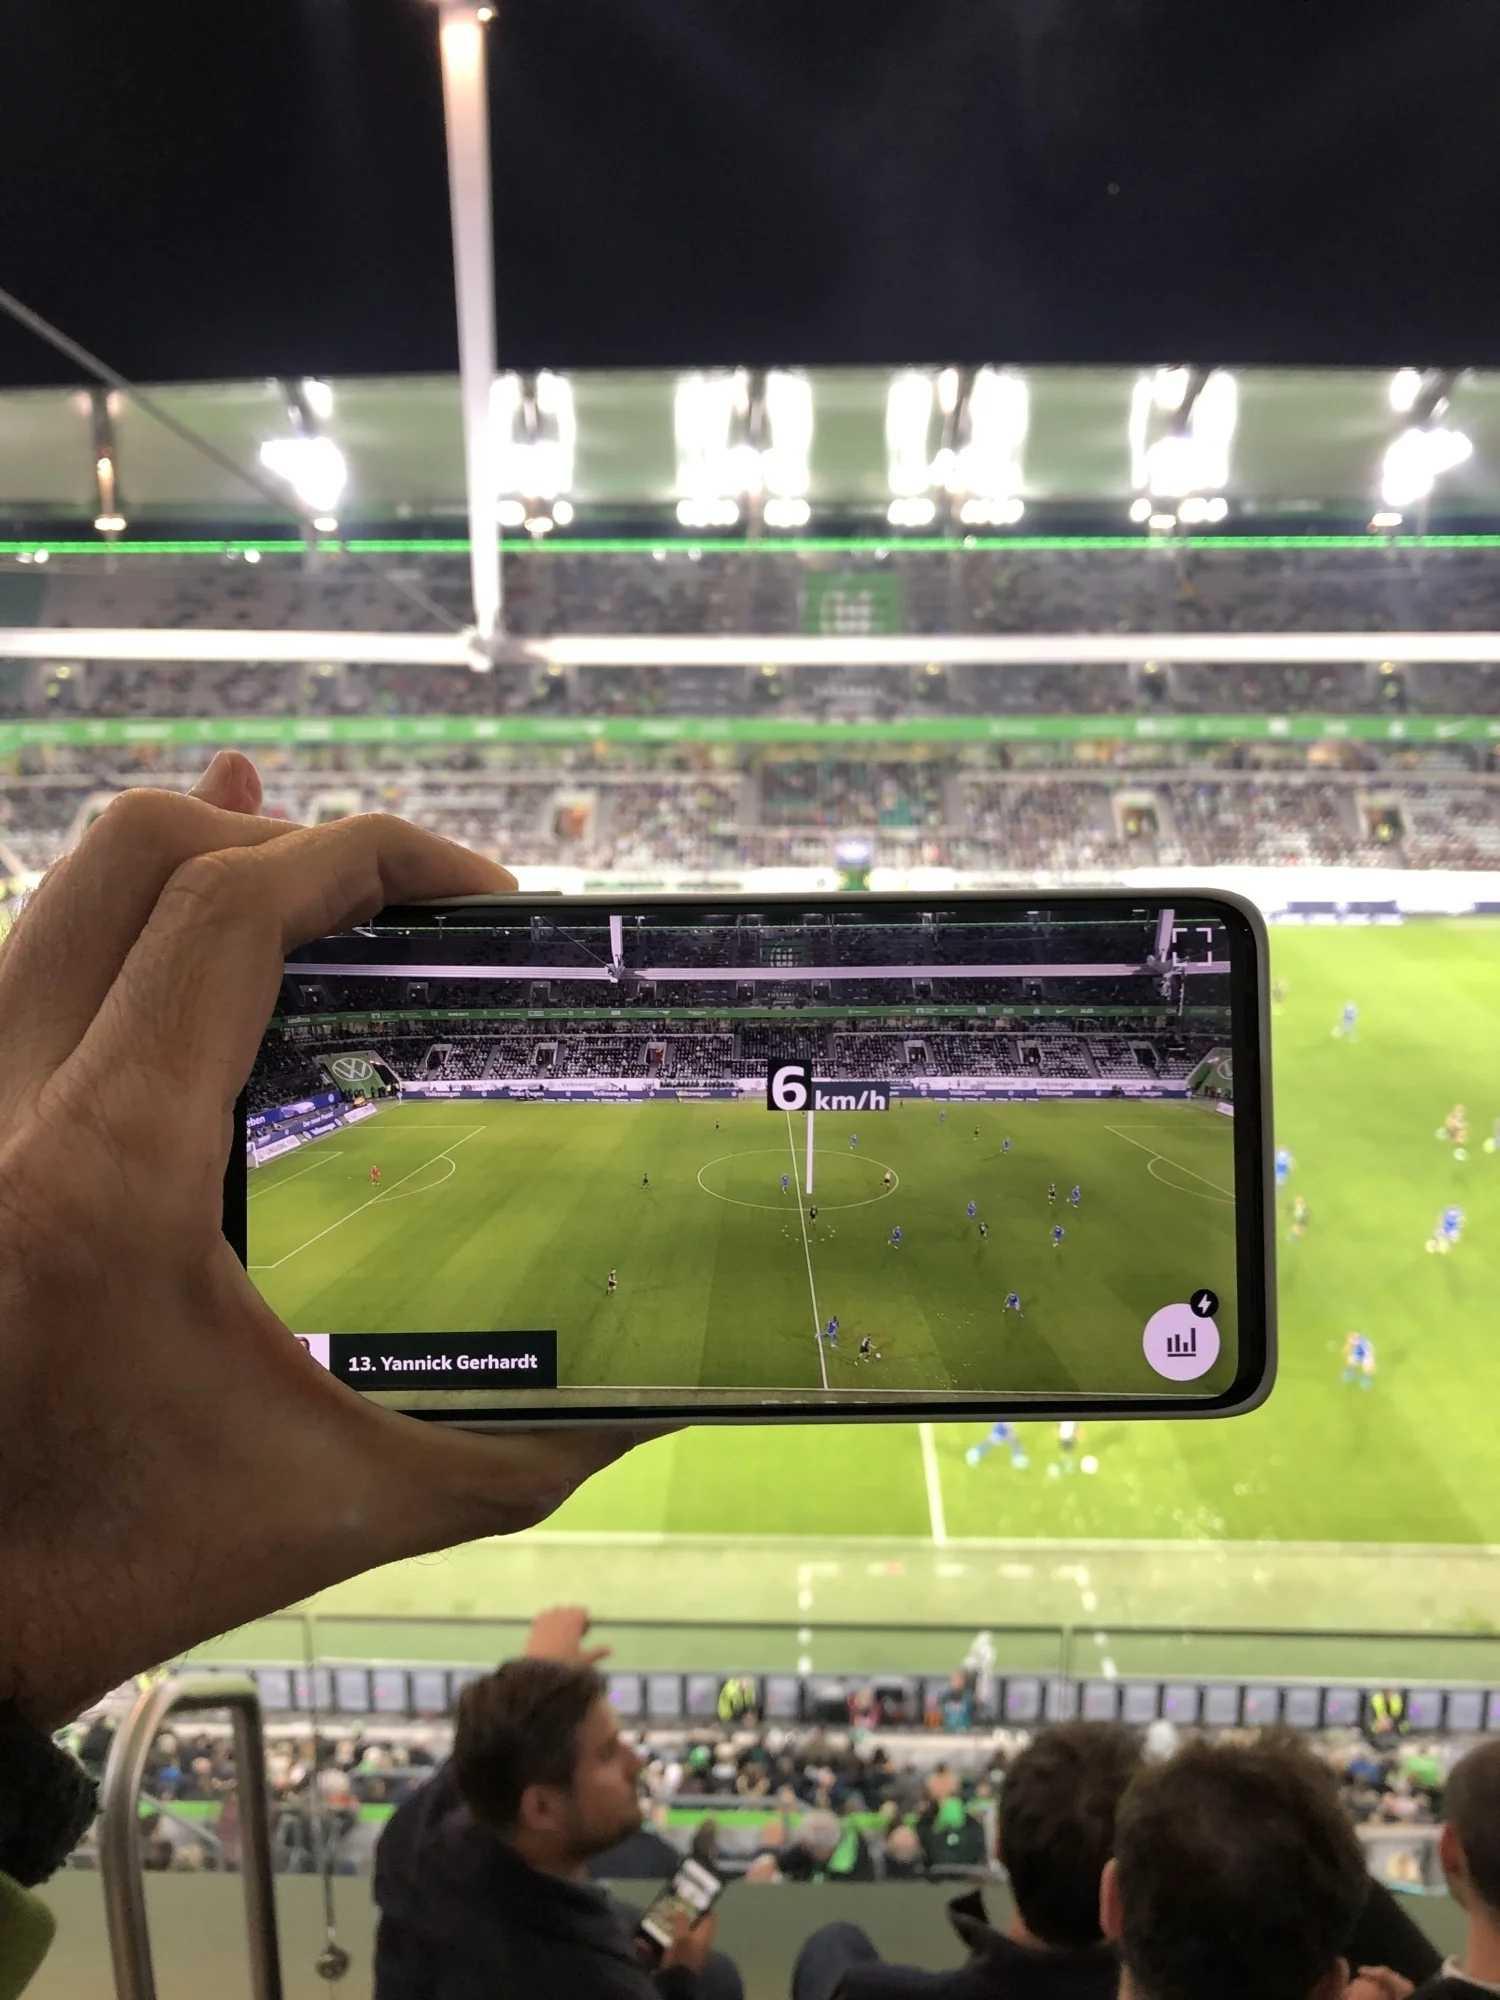 Mit 5G-Datenübertragung in den Stadien und niedrigen Latenzen in den Video-Codecs – damit sollen Fans im Stadion Zusatzinformationen live als Augmented Reality auf dem Smartphone abrufen können.